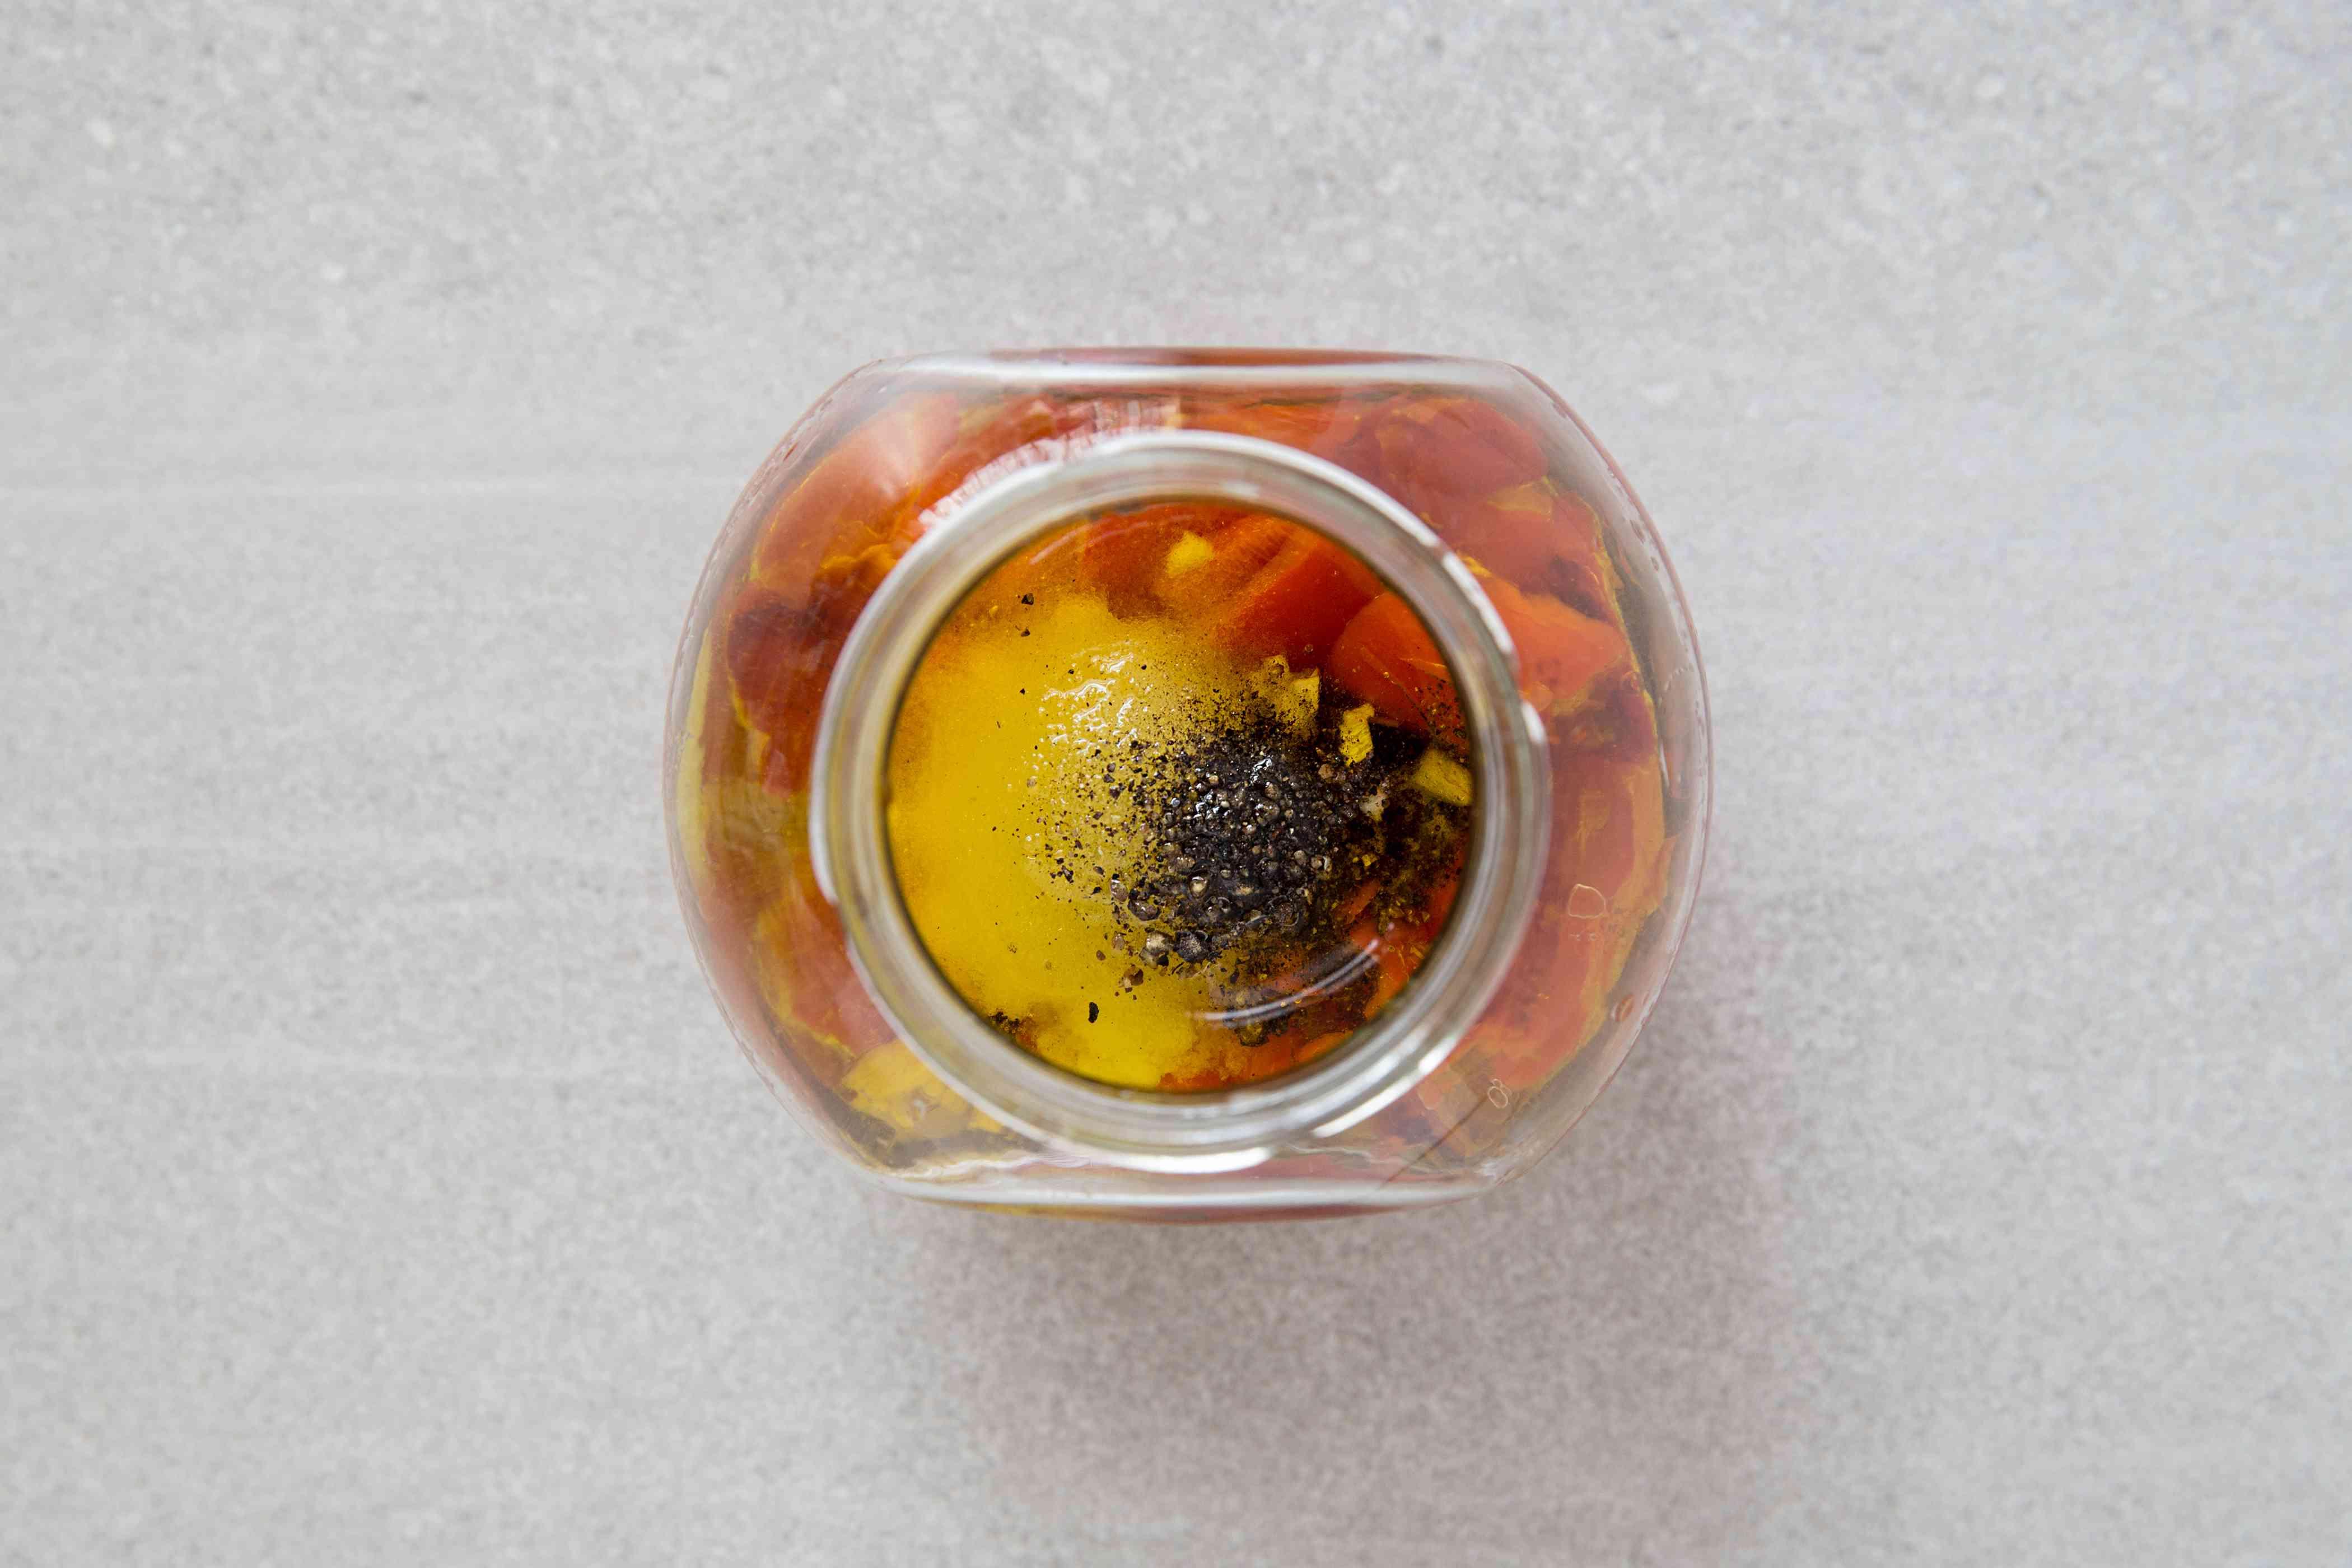 vinegar, oil, garlic, red pepper, salt, sugar, and black pepper in a jar